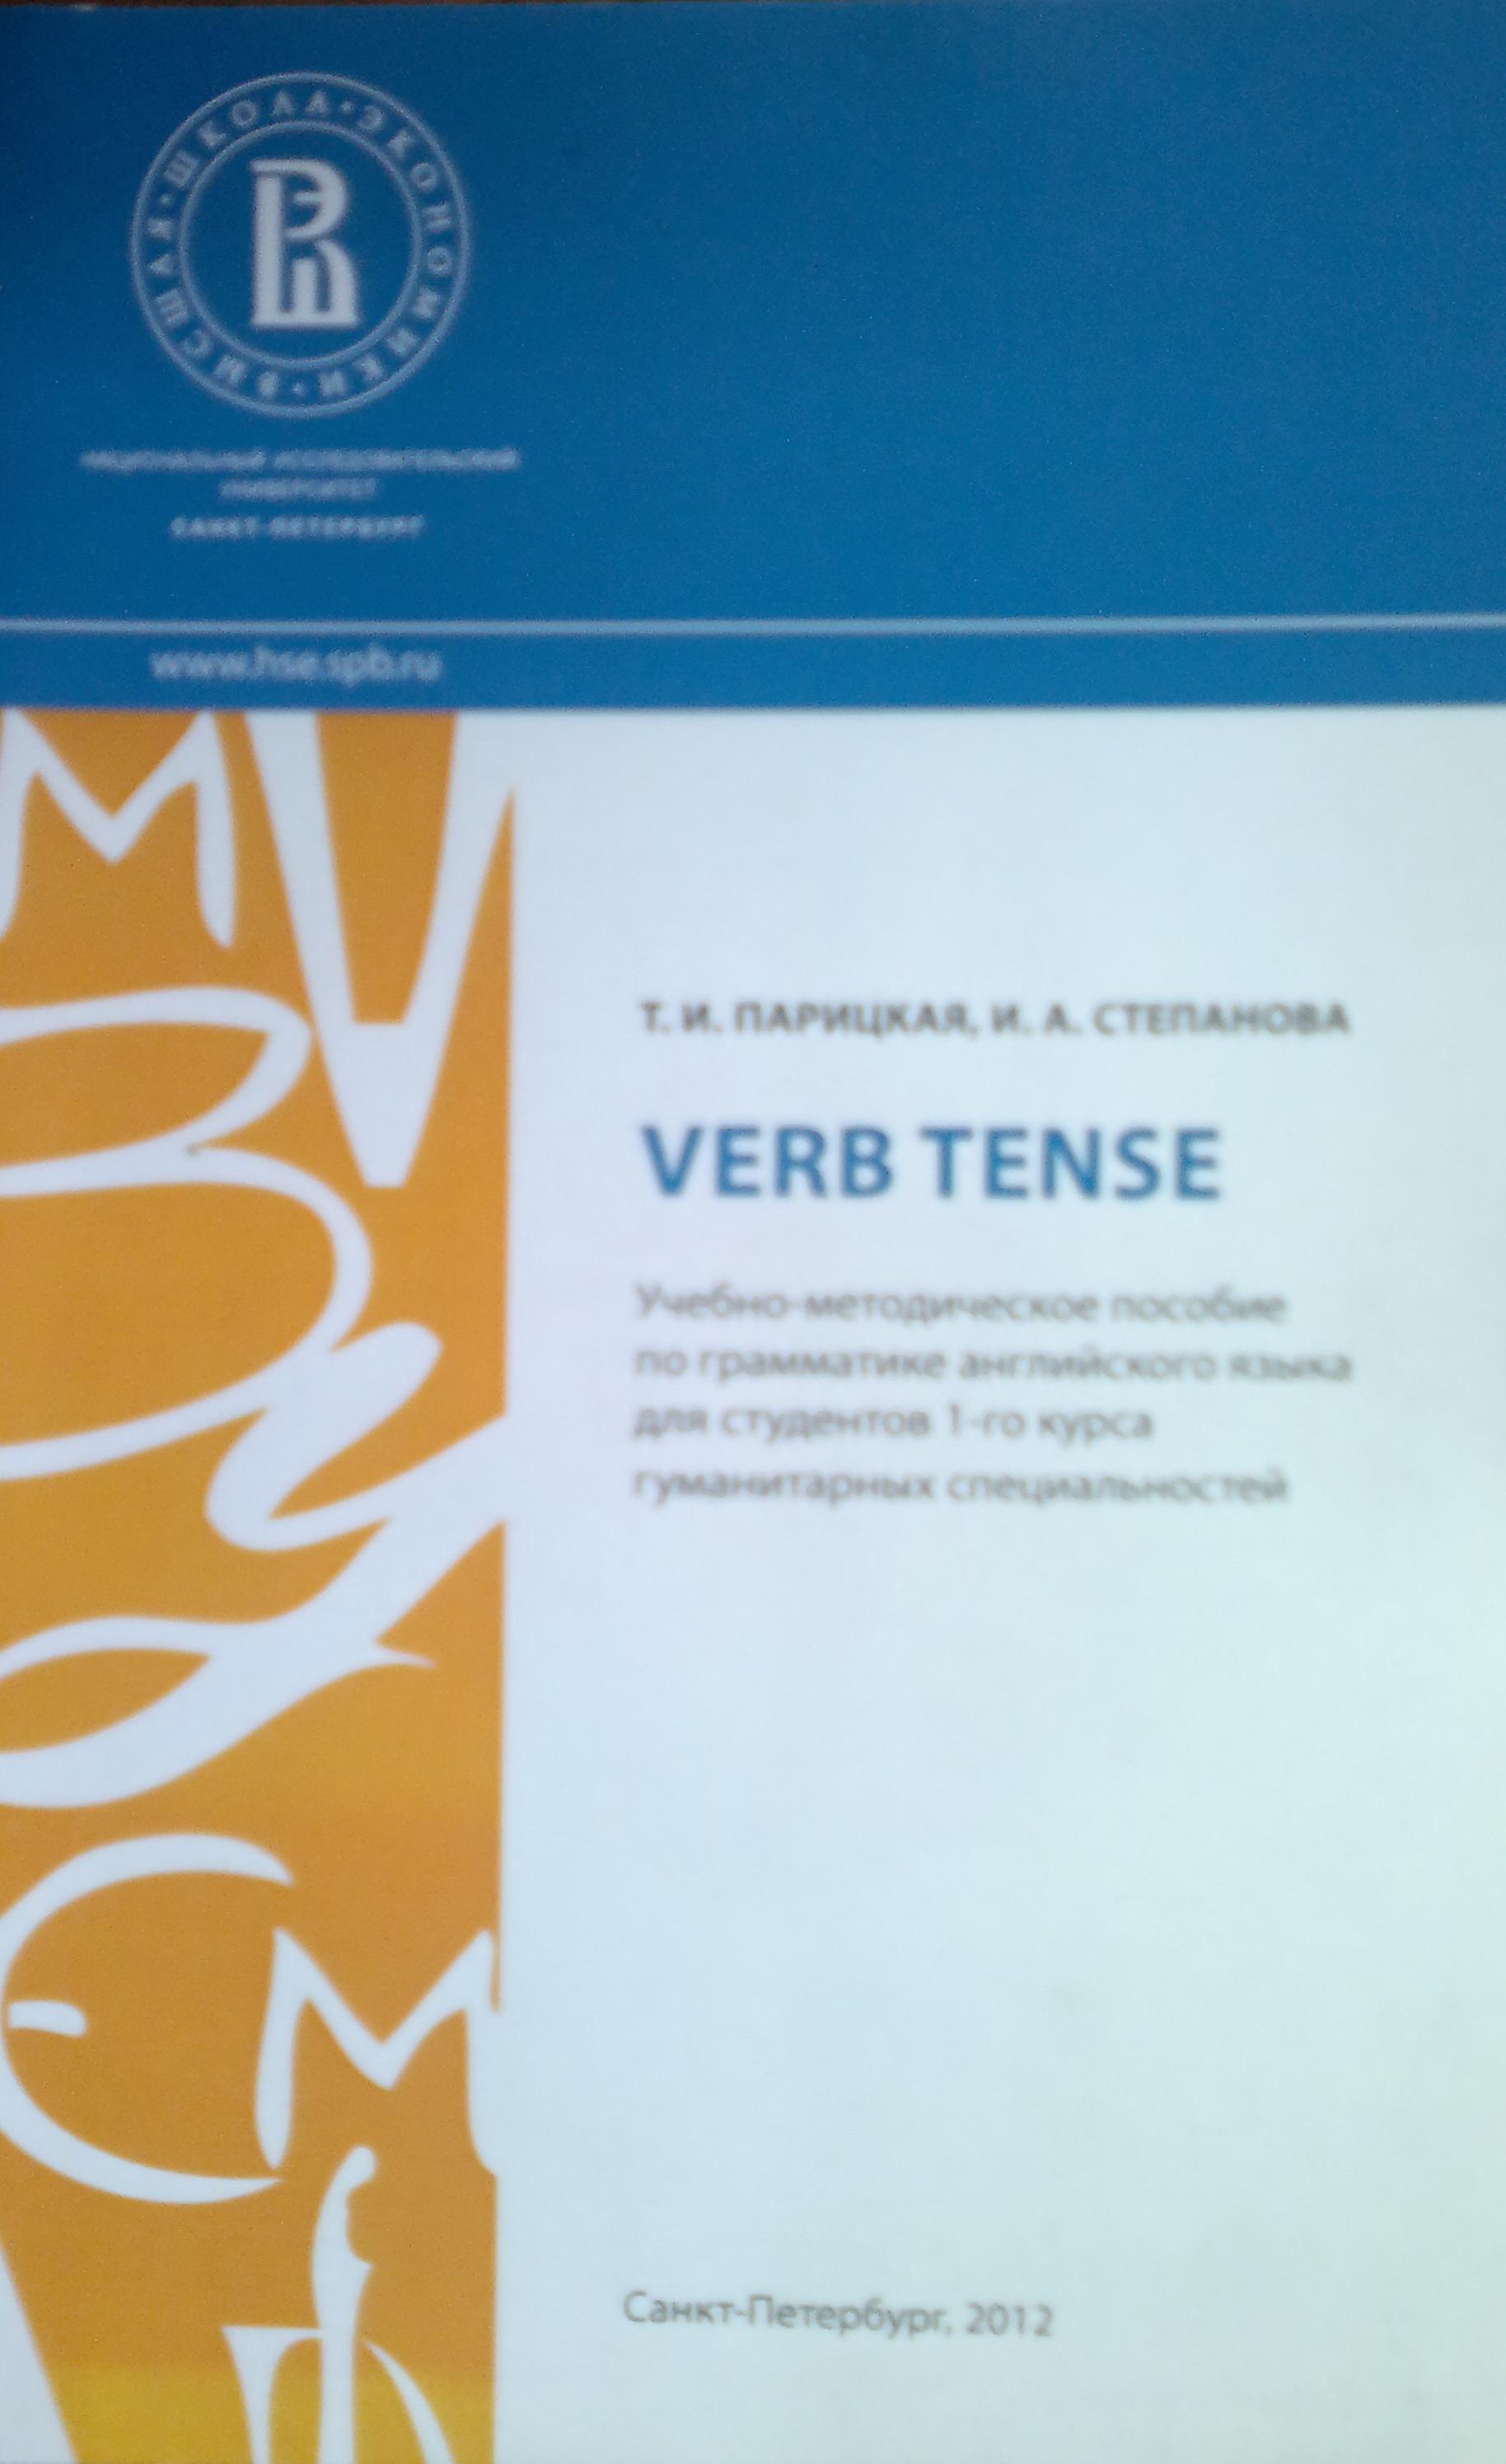 Verb Tense. Учебно-методическое пособие по грамматике английского языка для студентов 1 курса гуманитарных специальностей